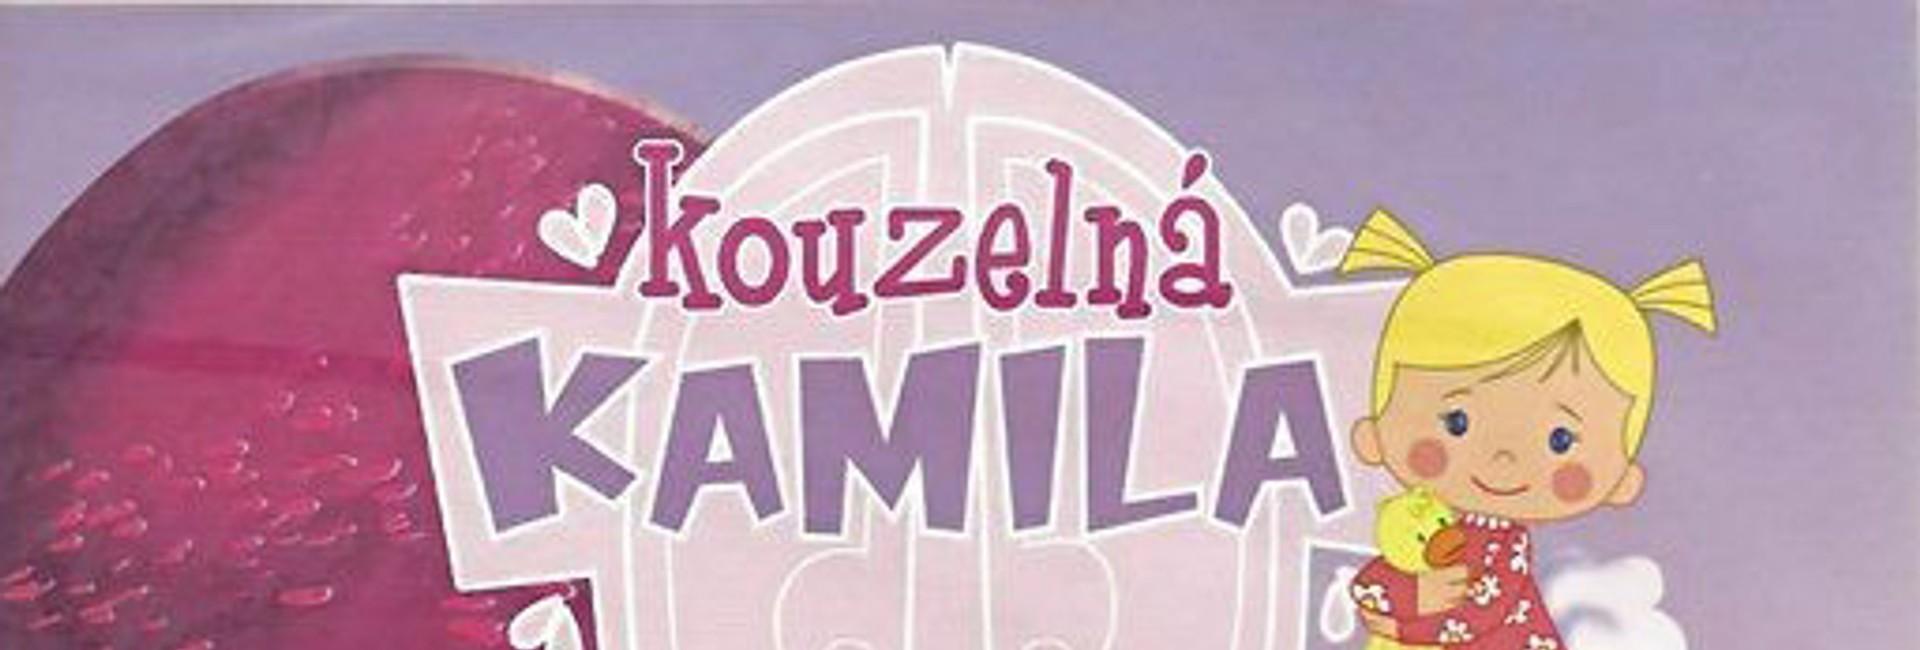 Kouzelná Kamila